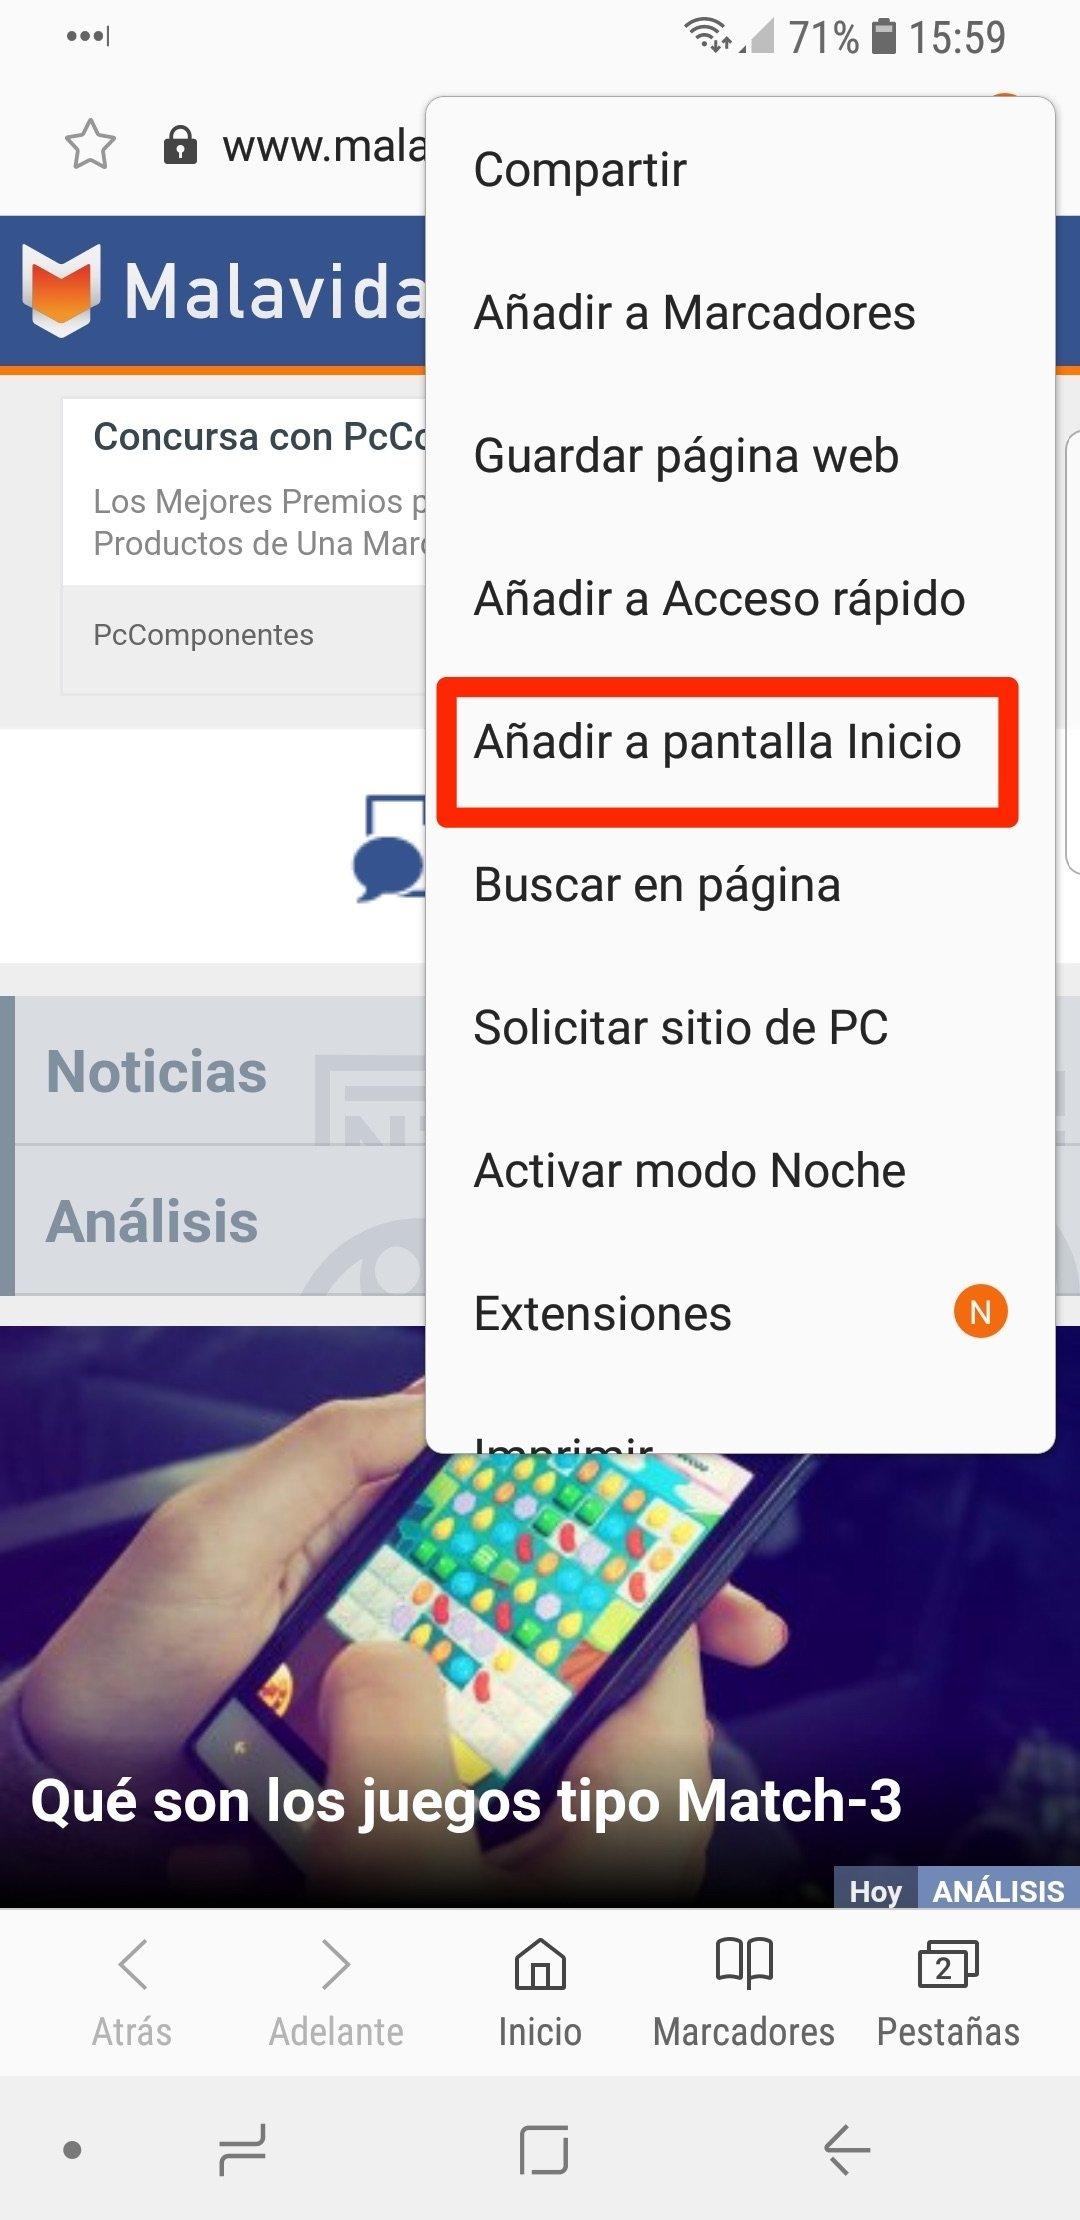 Añadiendo el acceso directo a la pantalla de inicio